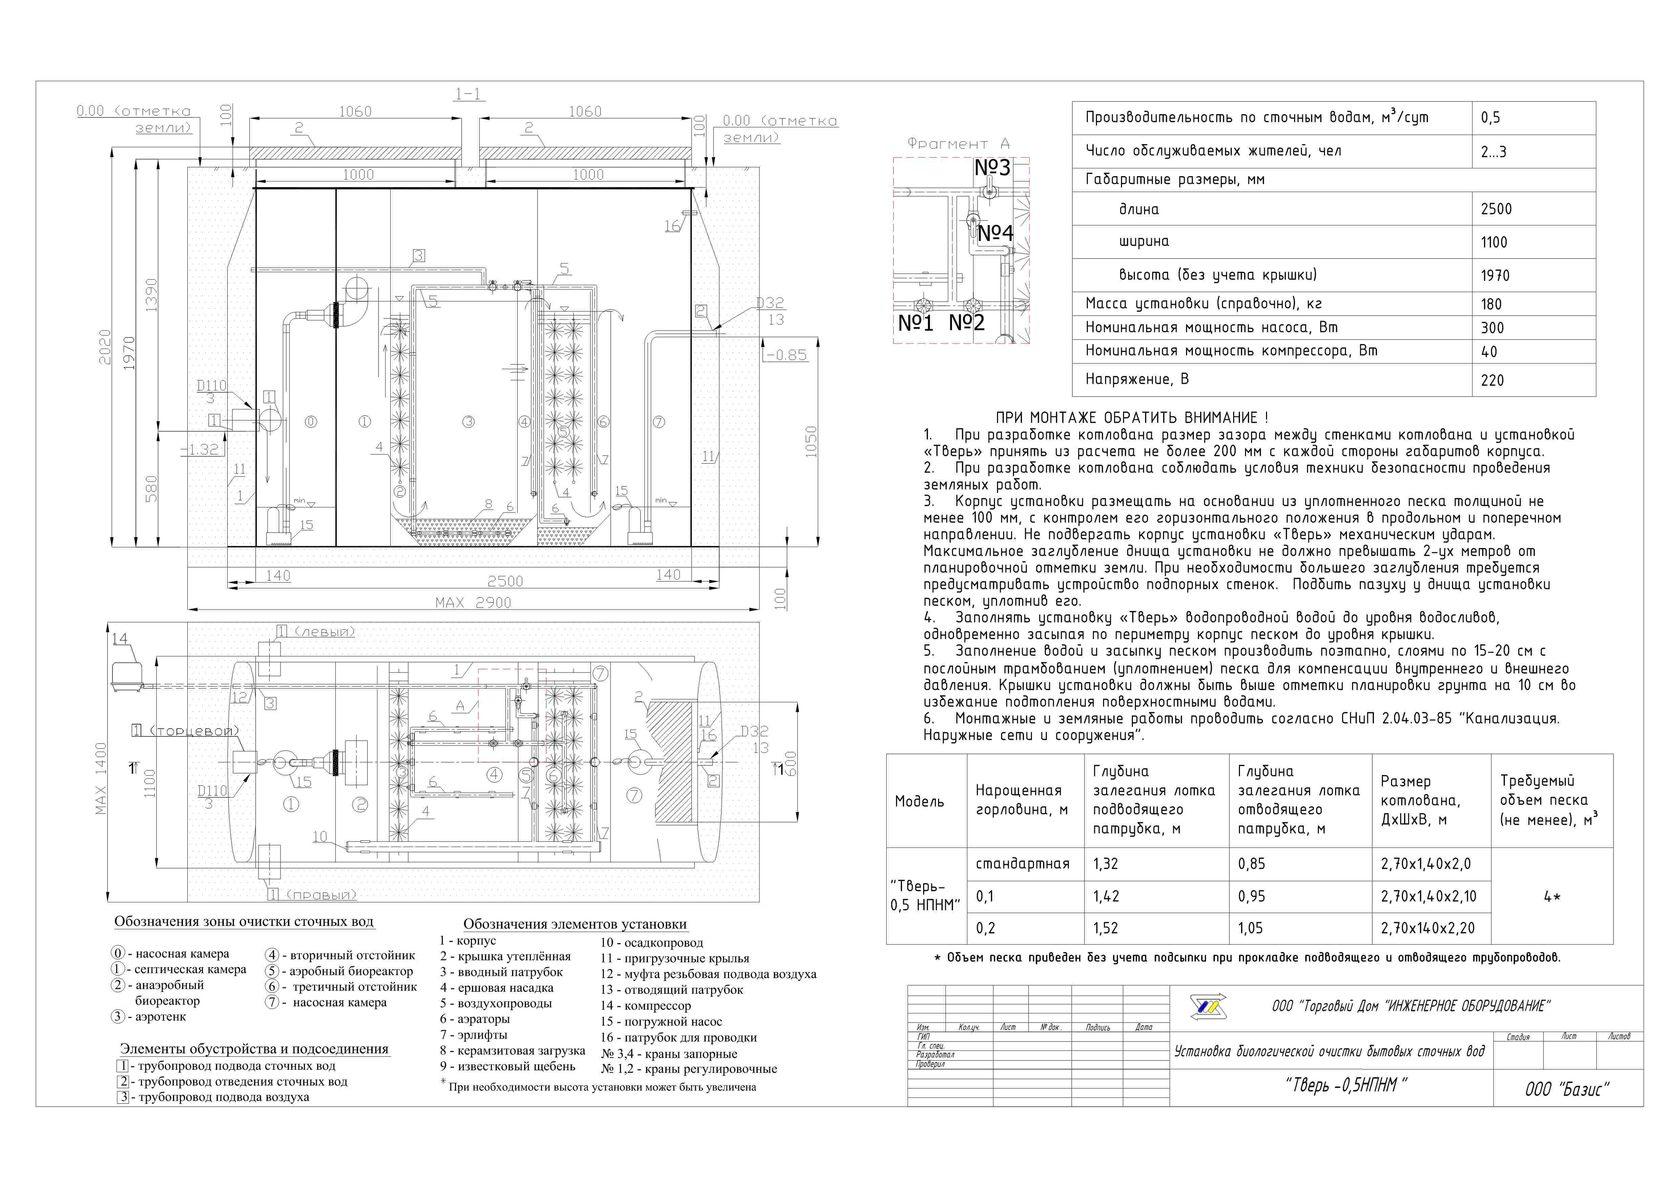 Септик «тверь» — обзор характеристик, конструкции и особенностей монтажа